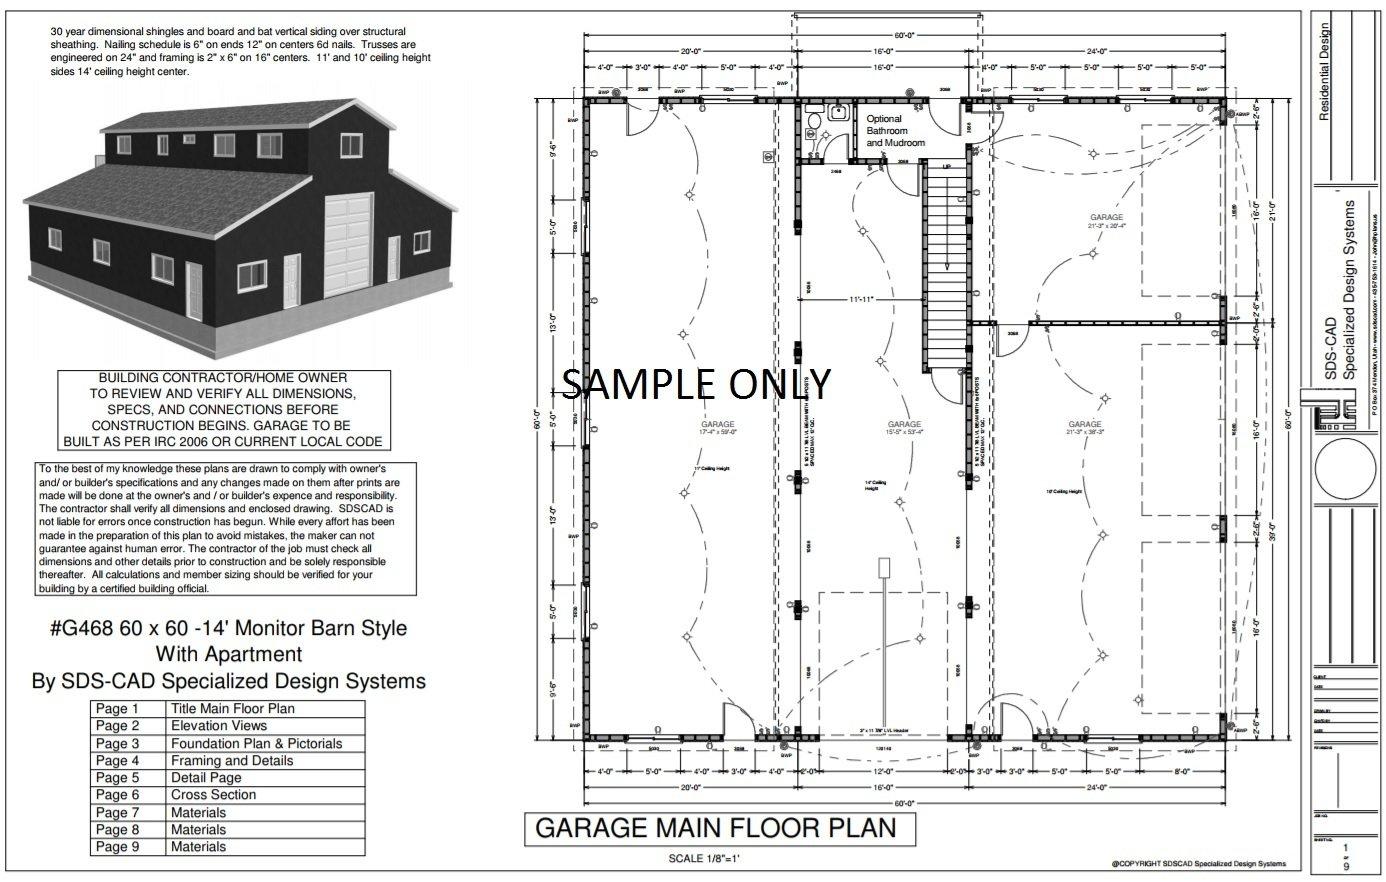 Rv Garage Sds Plans